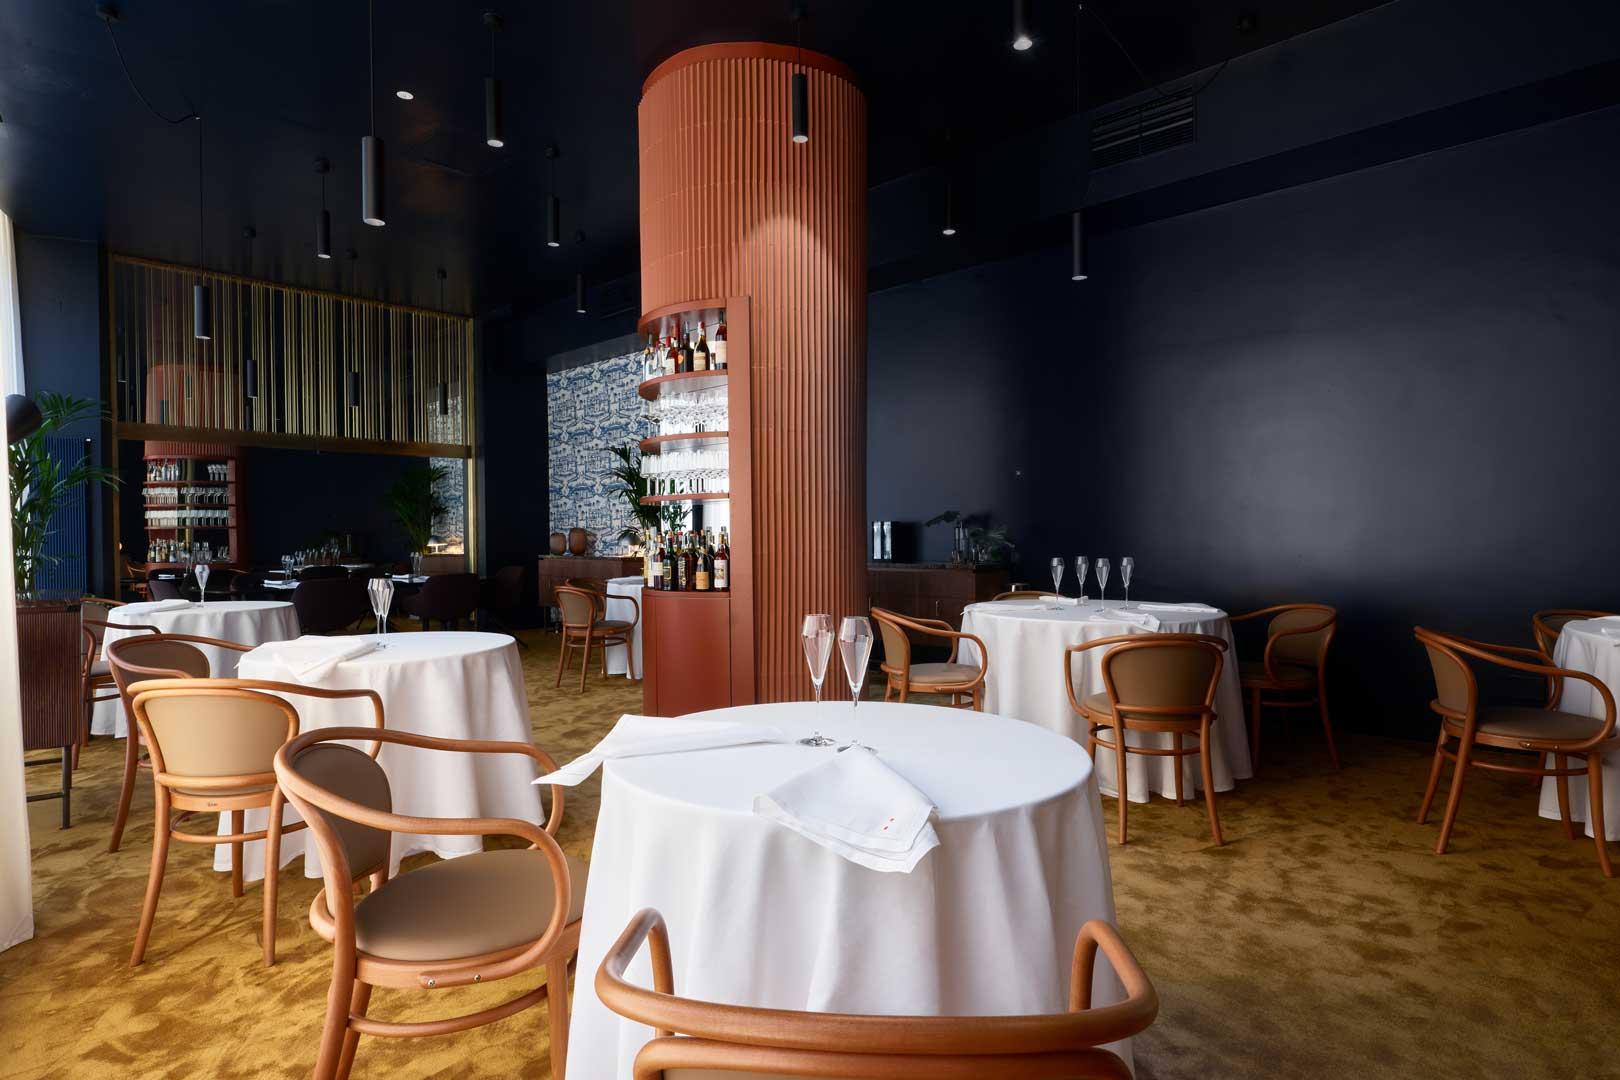 10-ristoranti-per-la-notte-di-capodanno-eugenio-boer